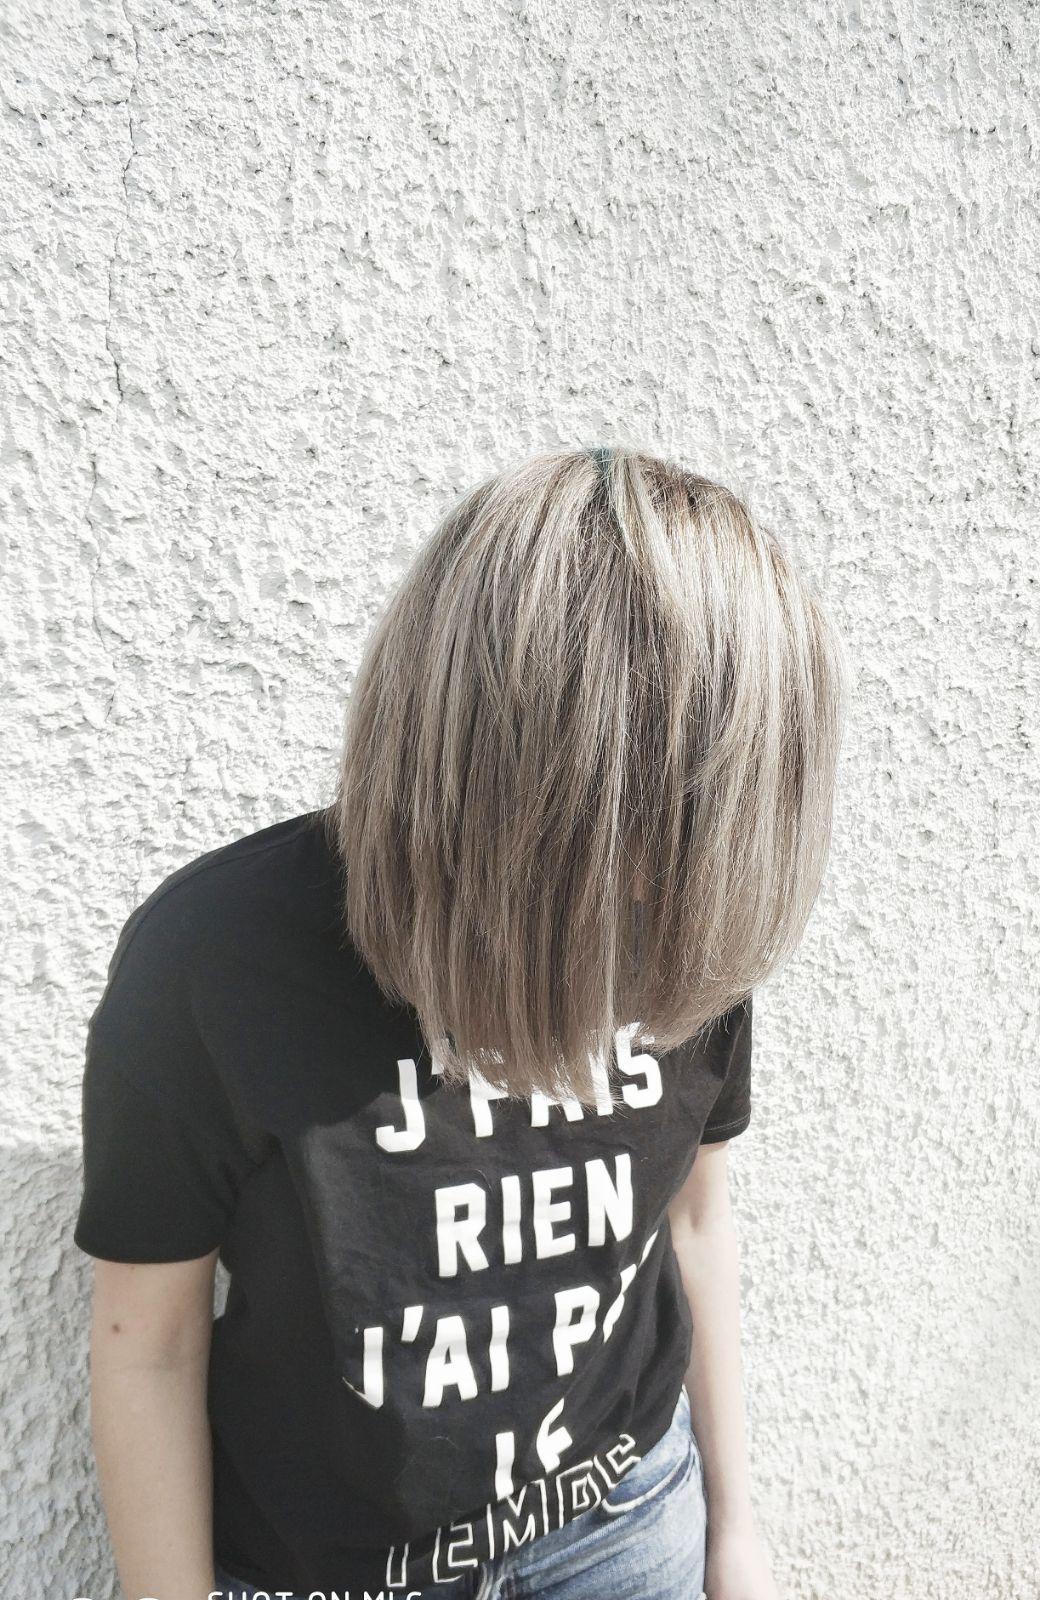 עיצוב שיער מקצועי בבאר יעקב